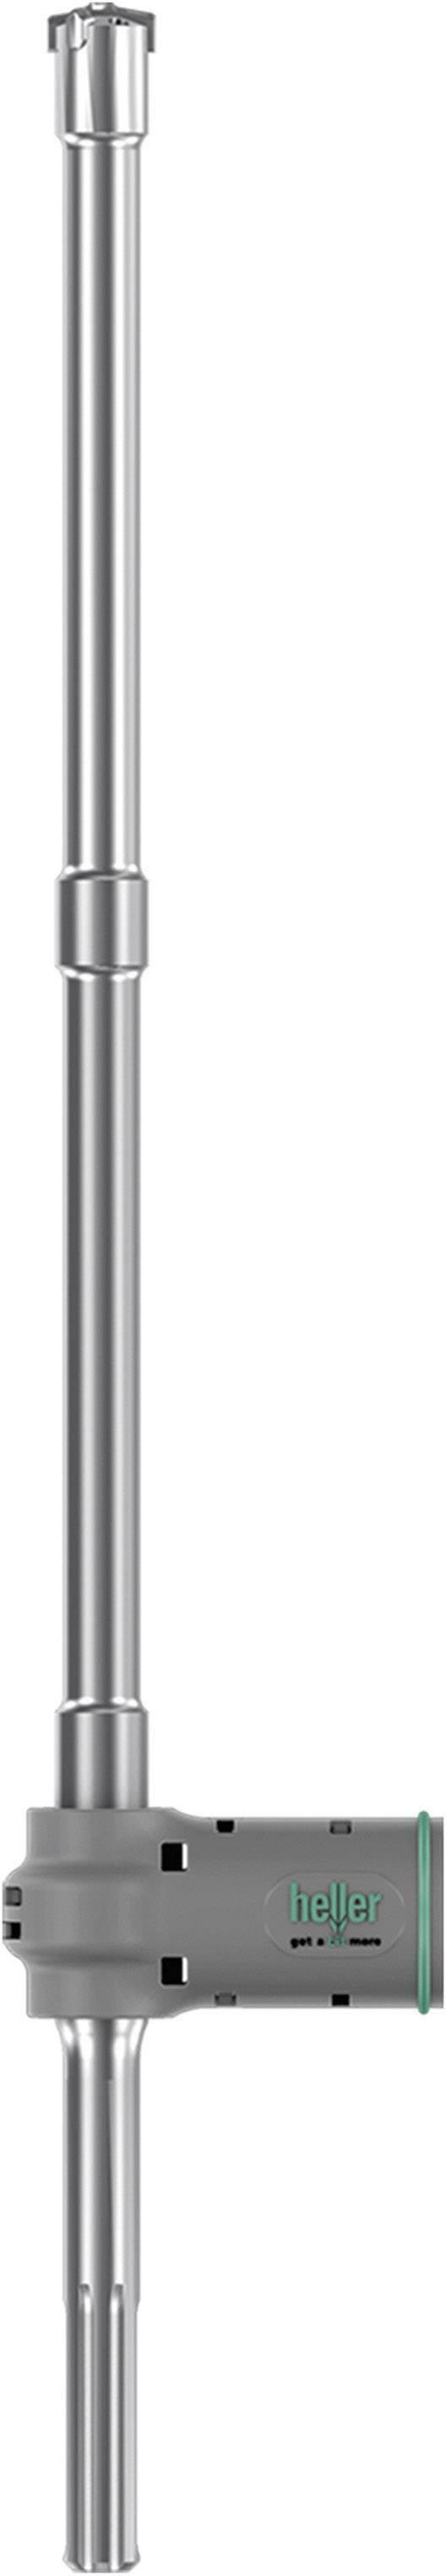 Heller Duster Expert Saugbohrer 30 mm Heller 28627 5